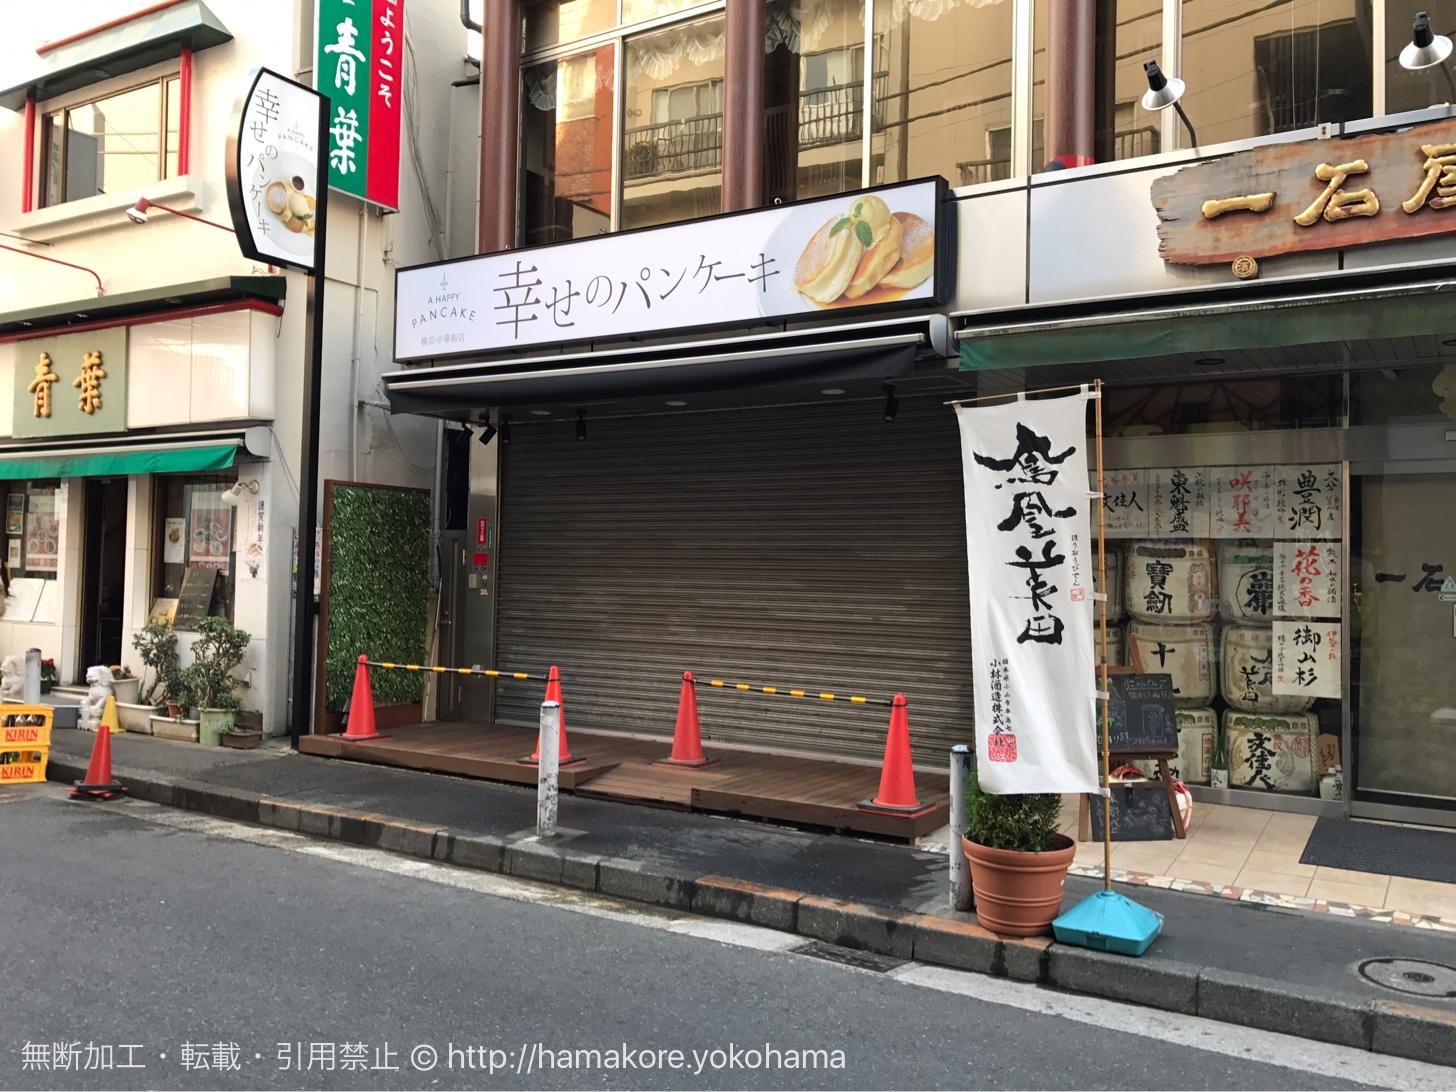 幸せのパンケーキ 横浜店(横浜中華街)のオープンが2017年1月15日と発表!